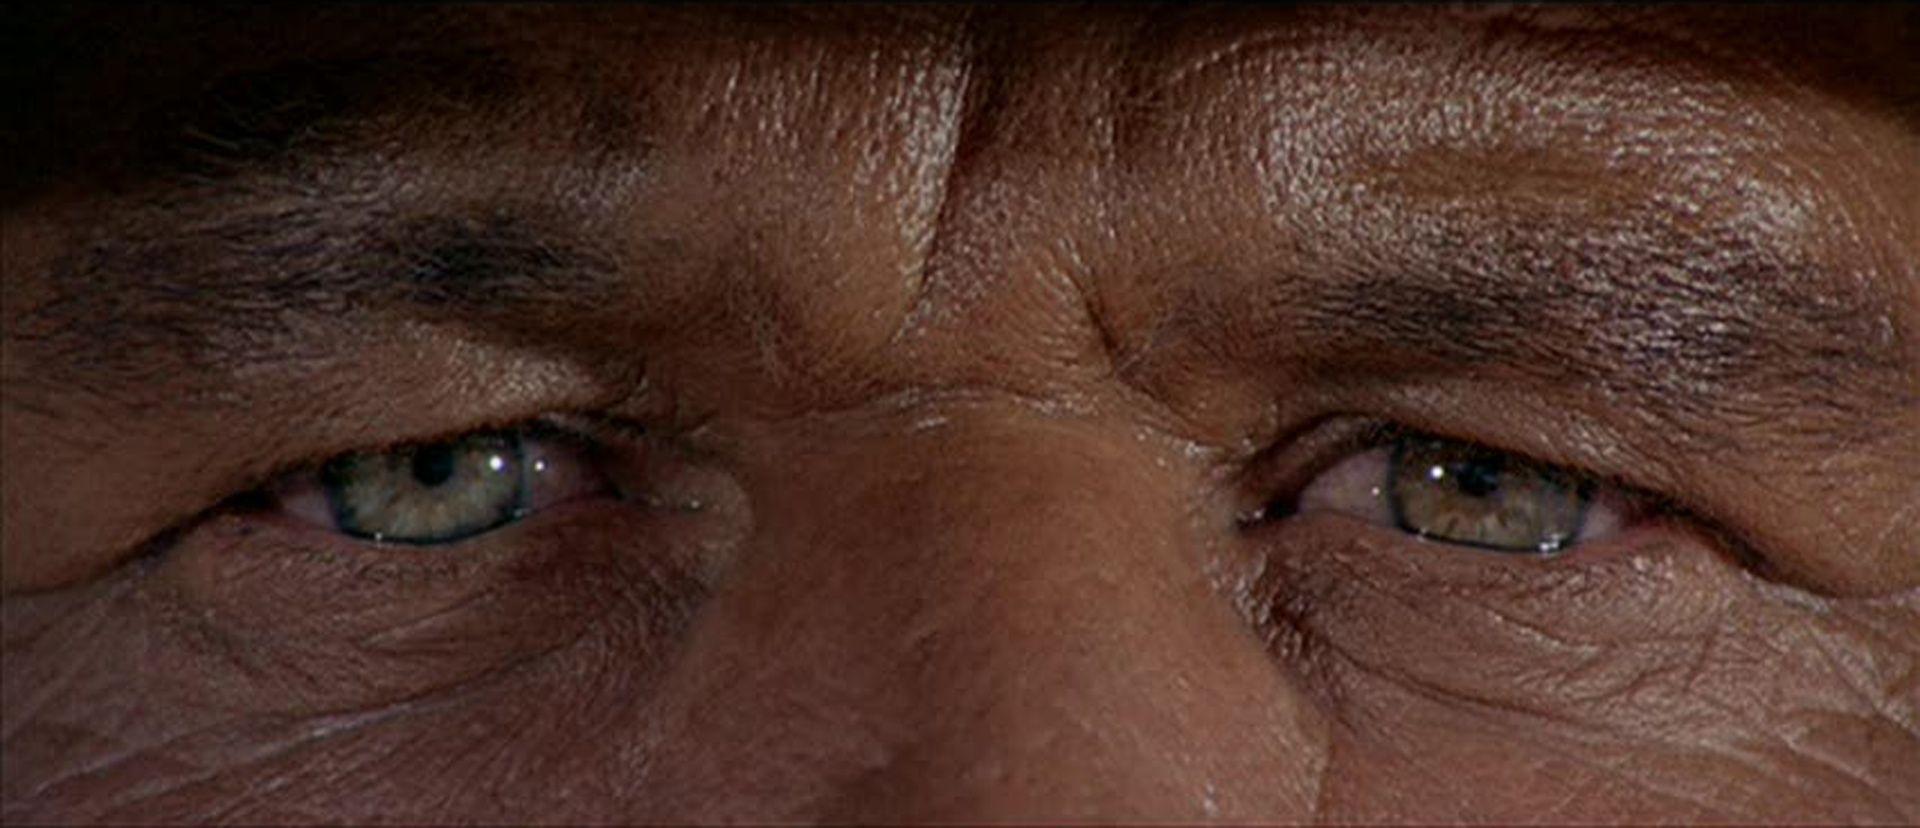 Resultado de imagem para olhos do charles bronson